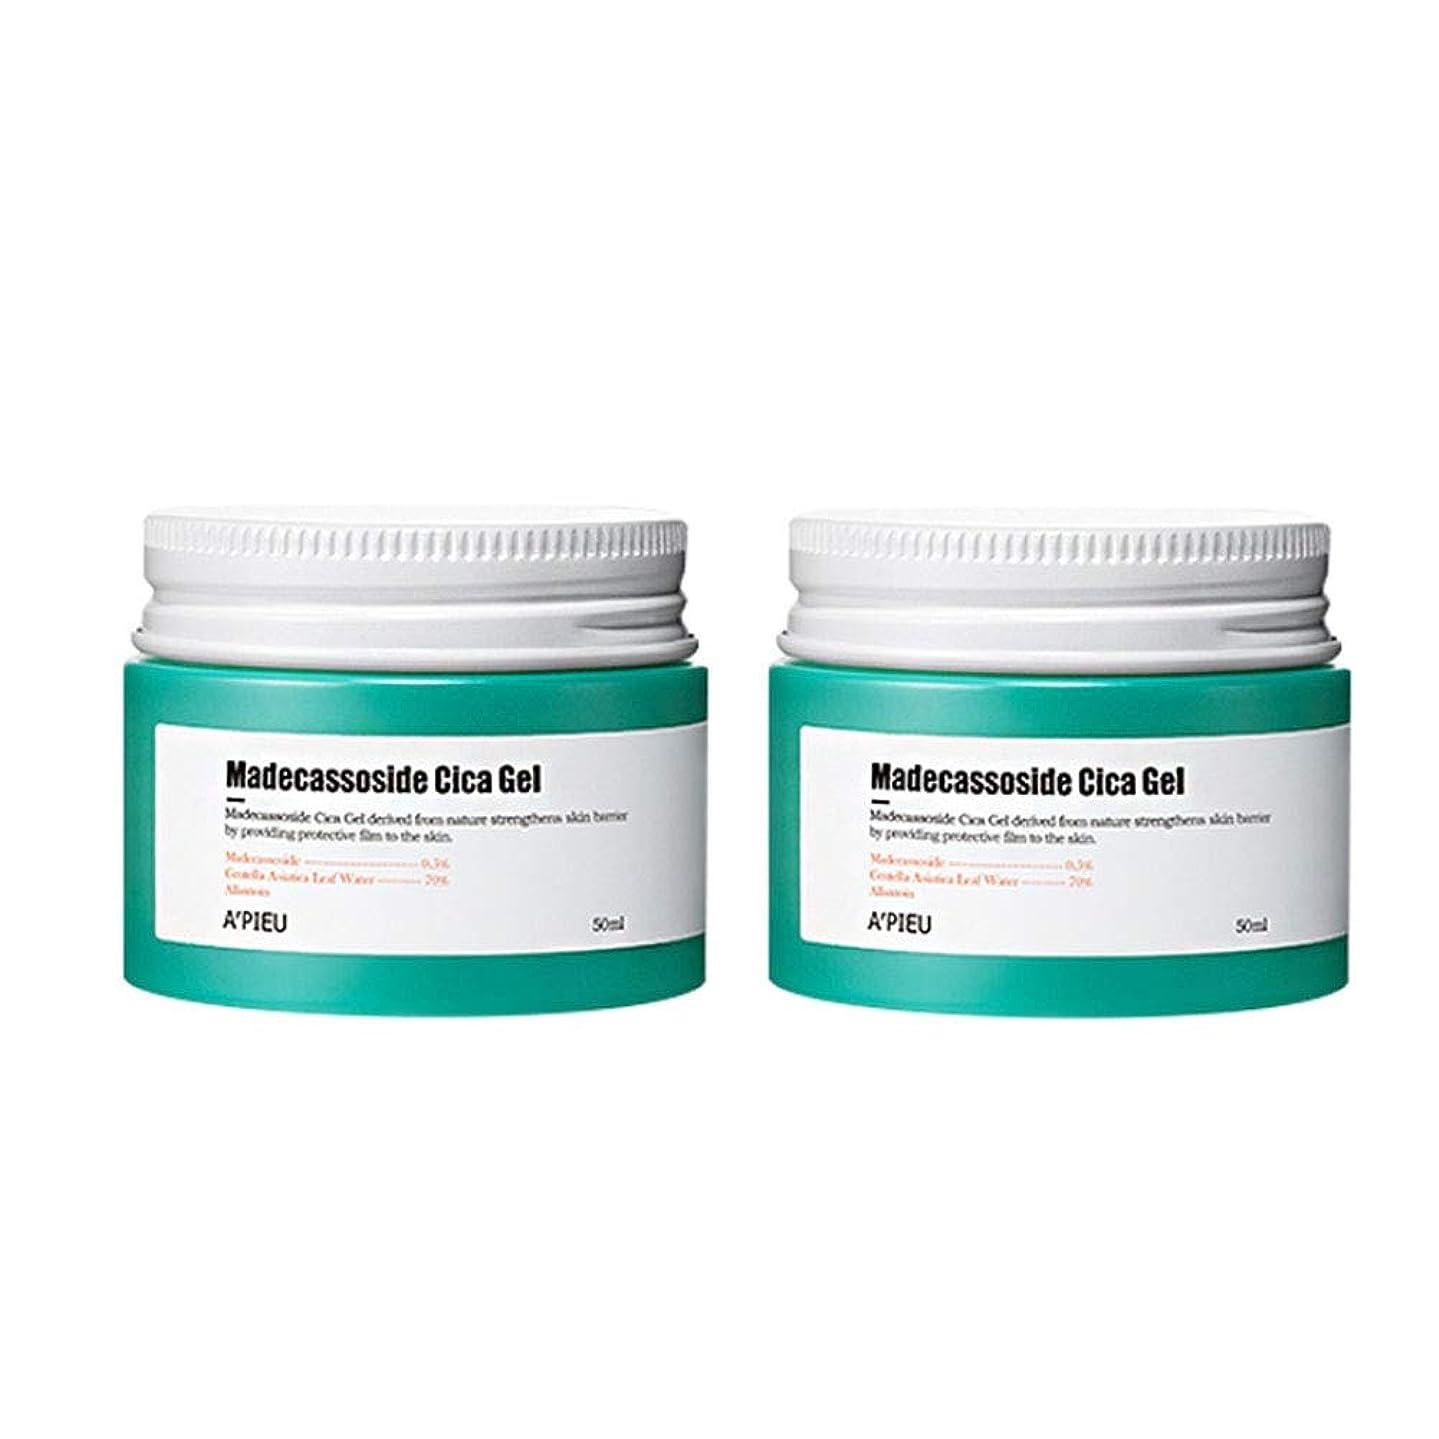 木曜日繕うメディカルオピュマデカソサイドシカゲル50ml x2本セット皮膚の損傷の改善、A'pieu Madecassoside Cica Gel 50ml x 2ea Set Skin Damage Care [並行輸入品]